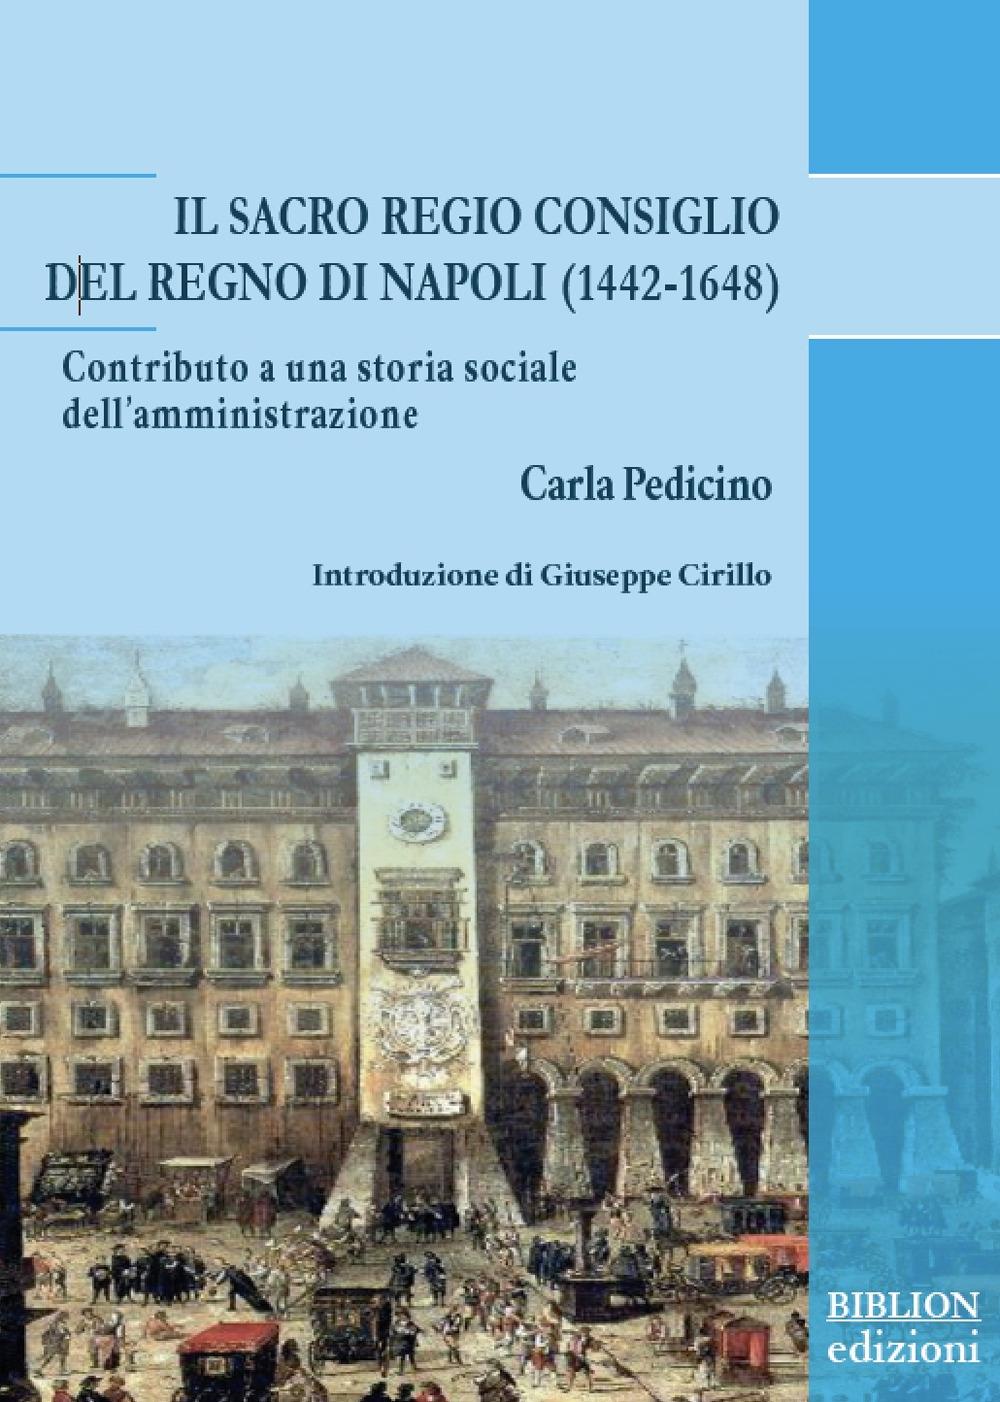 Il Sacro Regio Consiglio del Regno di Napoli (1442-1648). Contributo a una storia sociale dell'amministrazione - Carla Pedicino